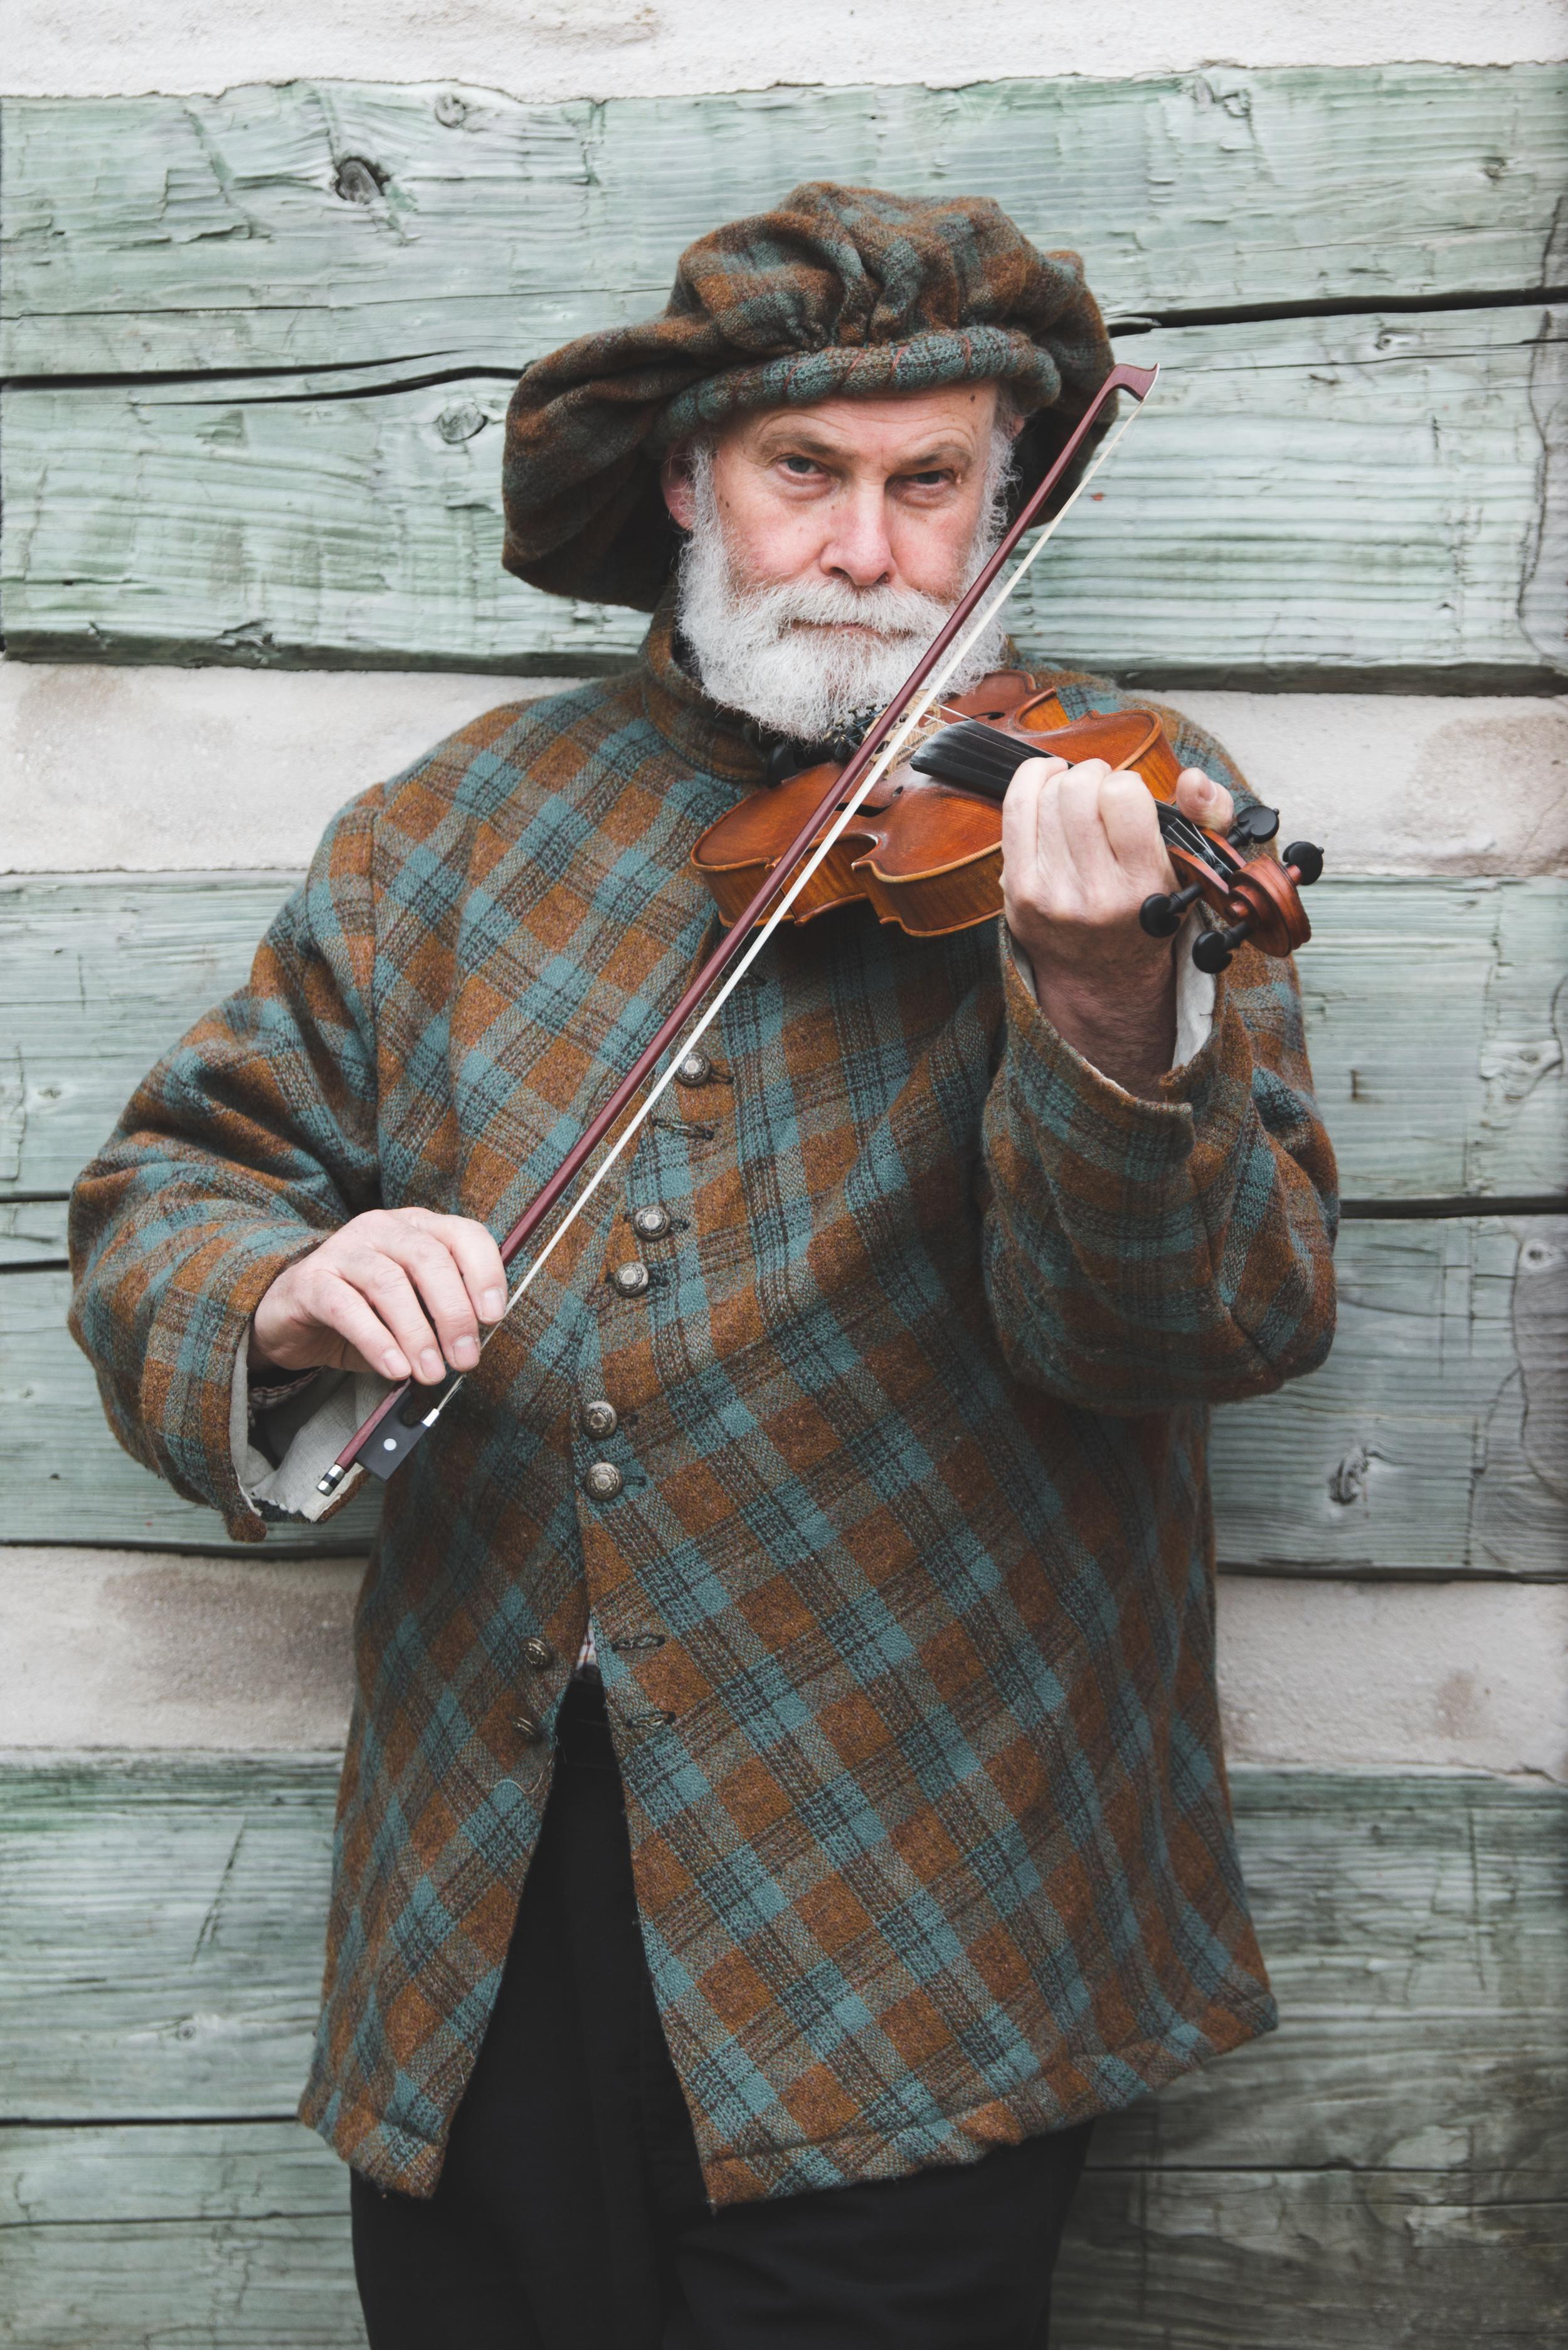 Northern_Ireland_Wedding_Photographer_Fiddler